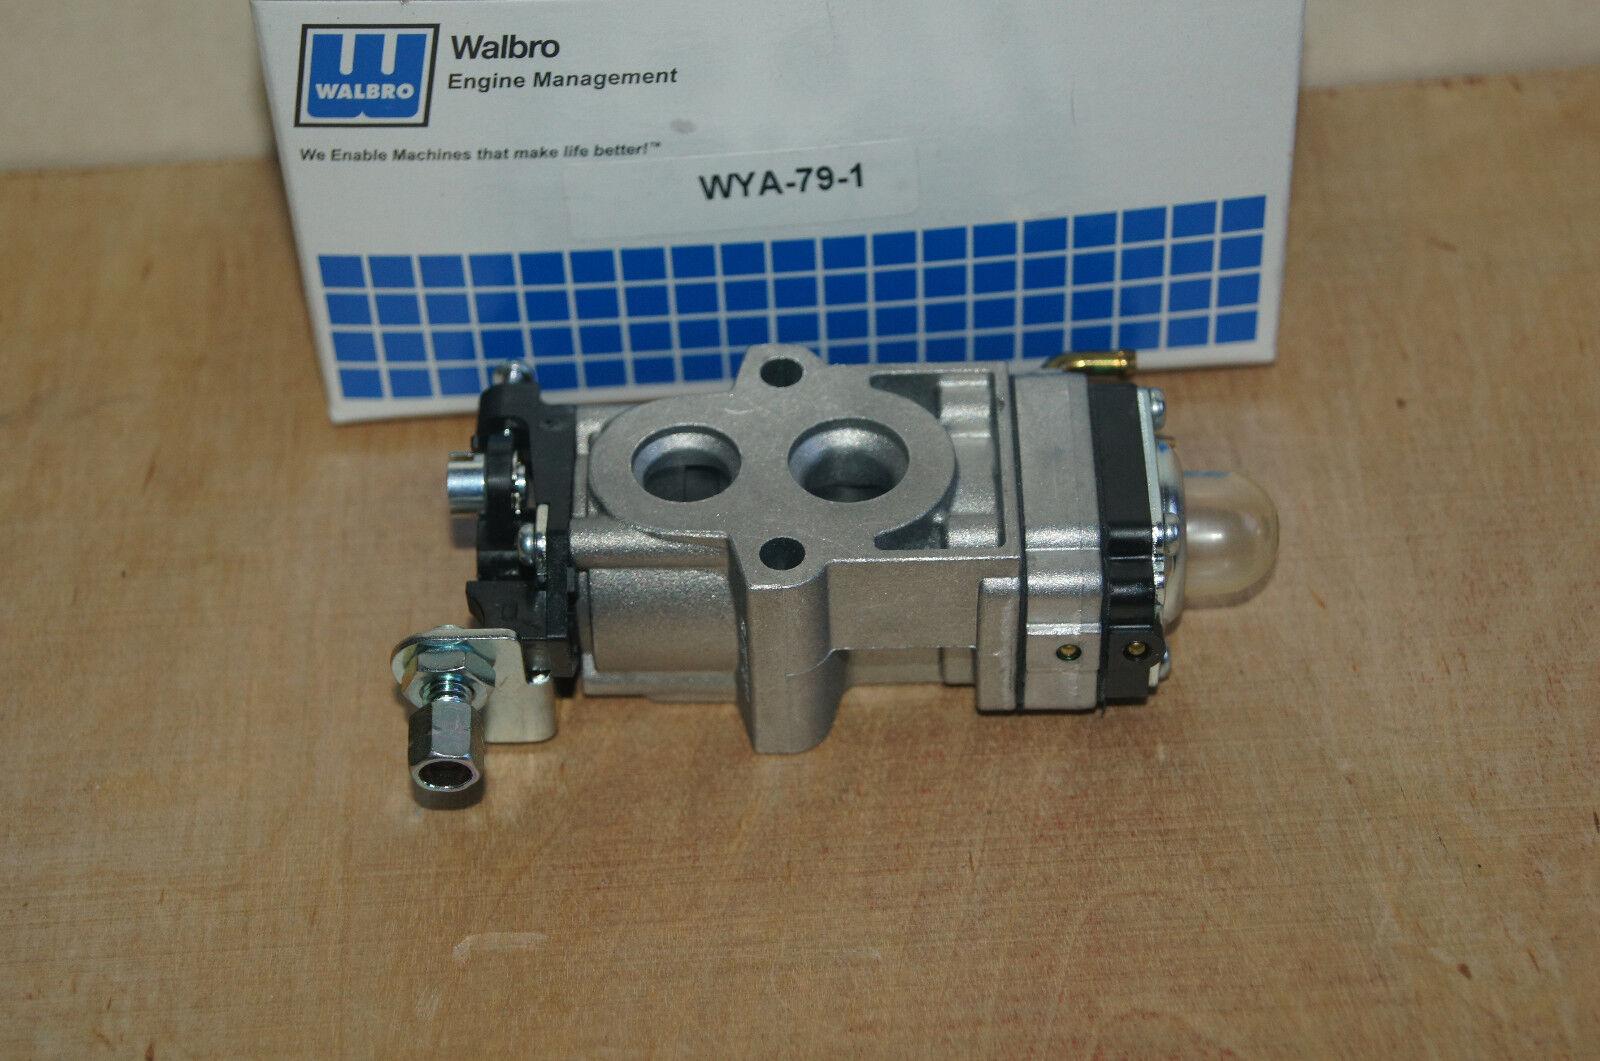 Original Walbro Cocheburador wya-79 se adapta a HUSQVARNA 150 350 sopladores y otros